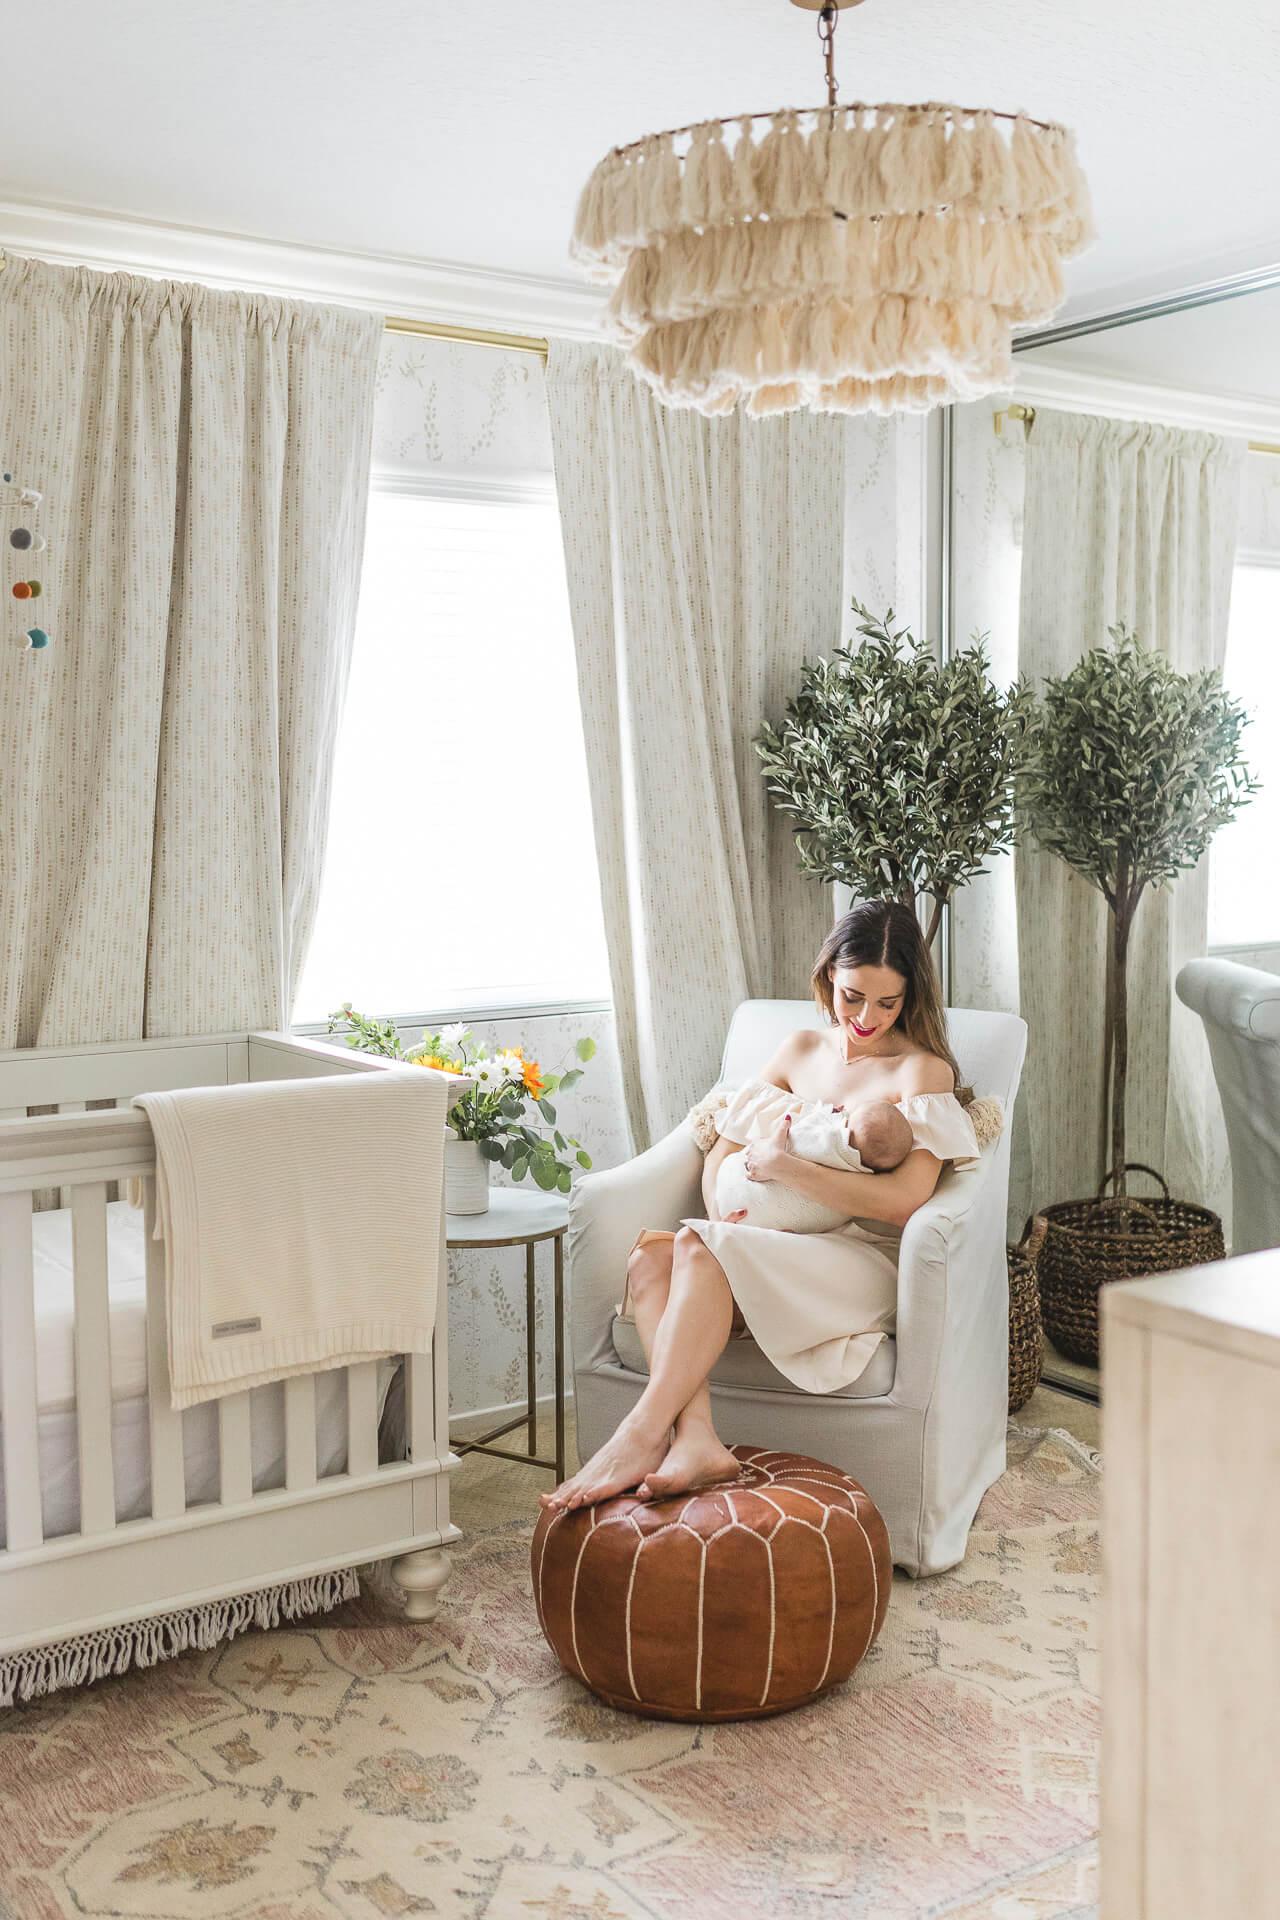 Our Little Girl's Nursery Decor | M Loves M